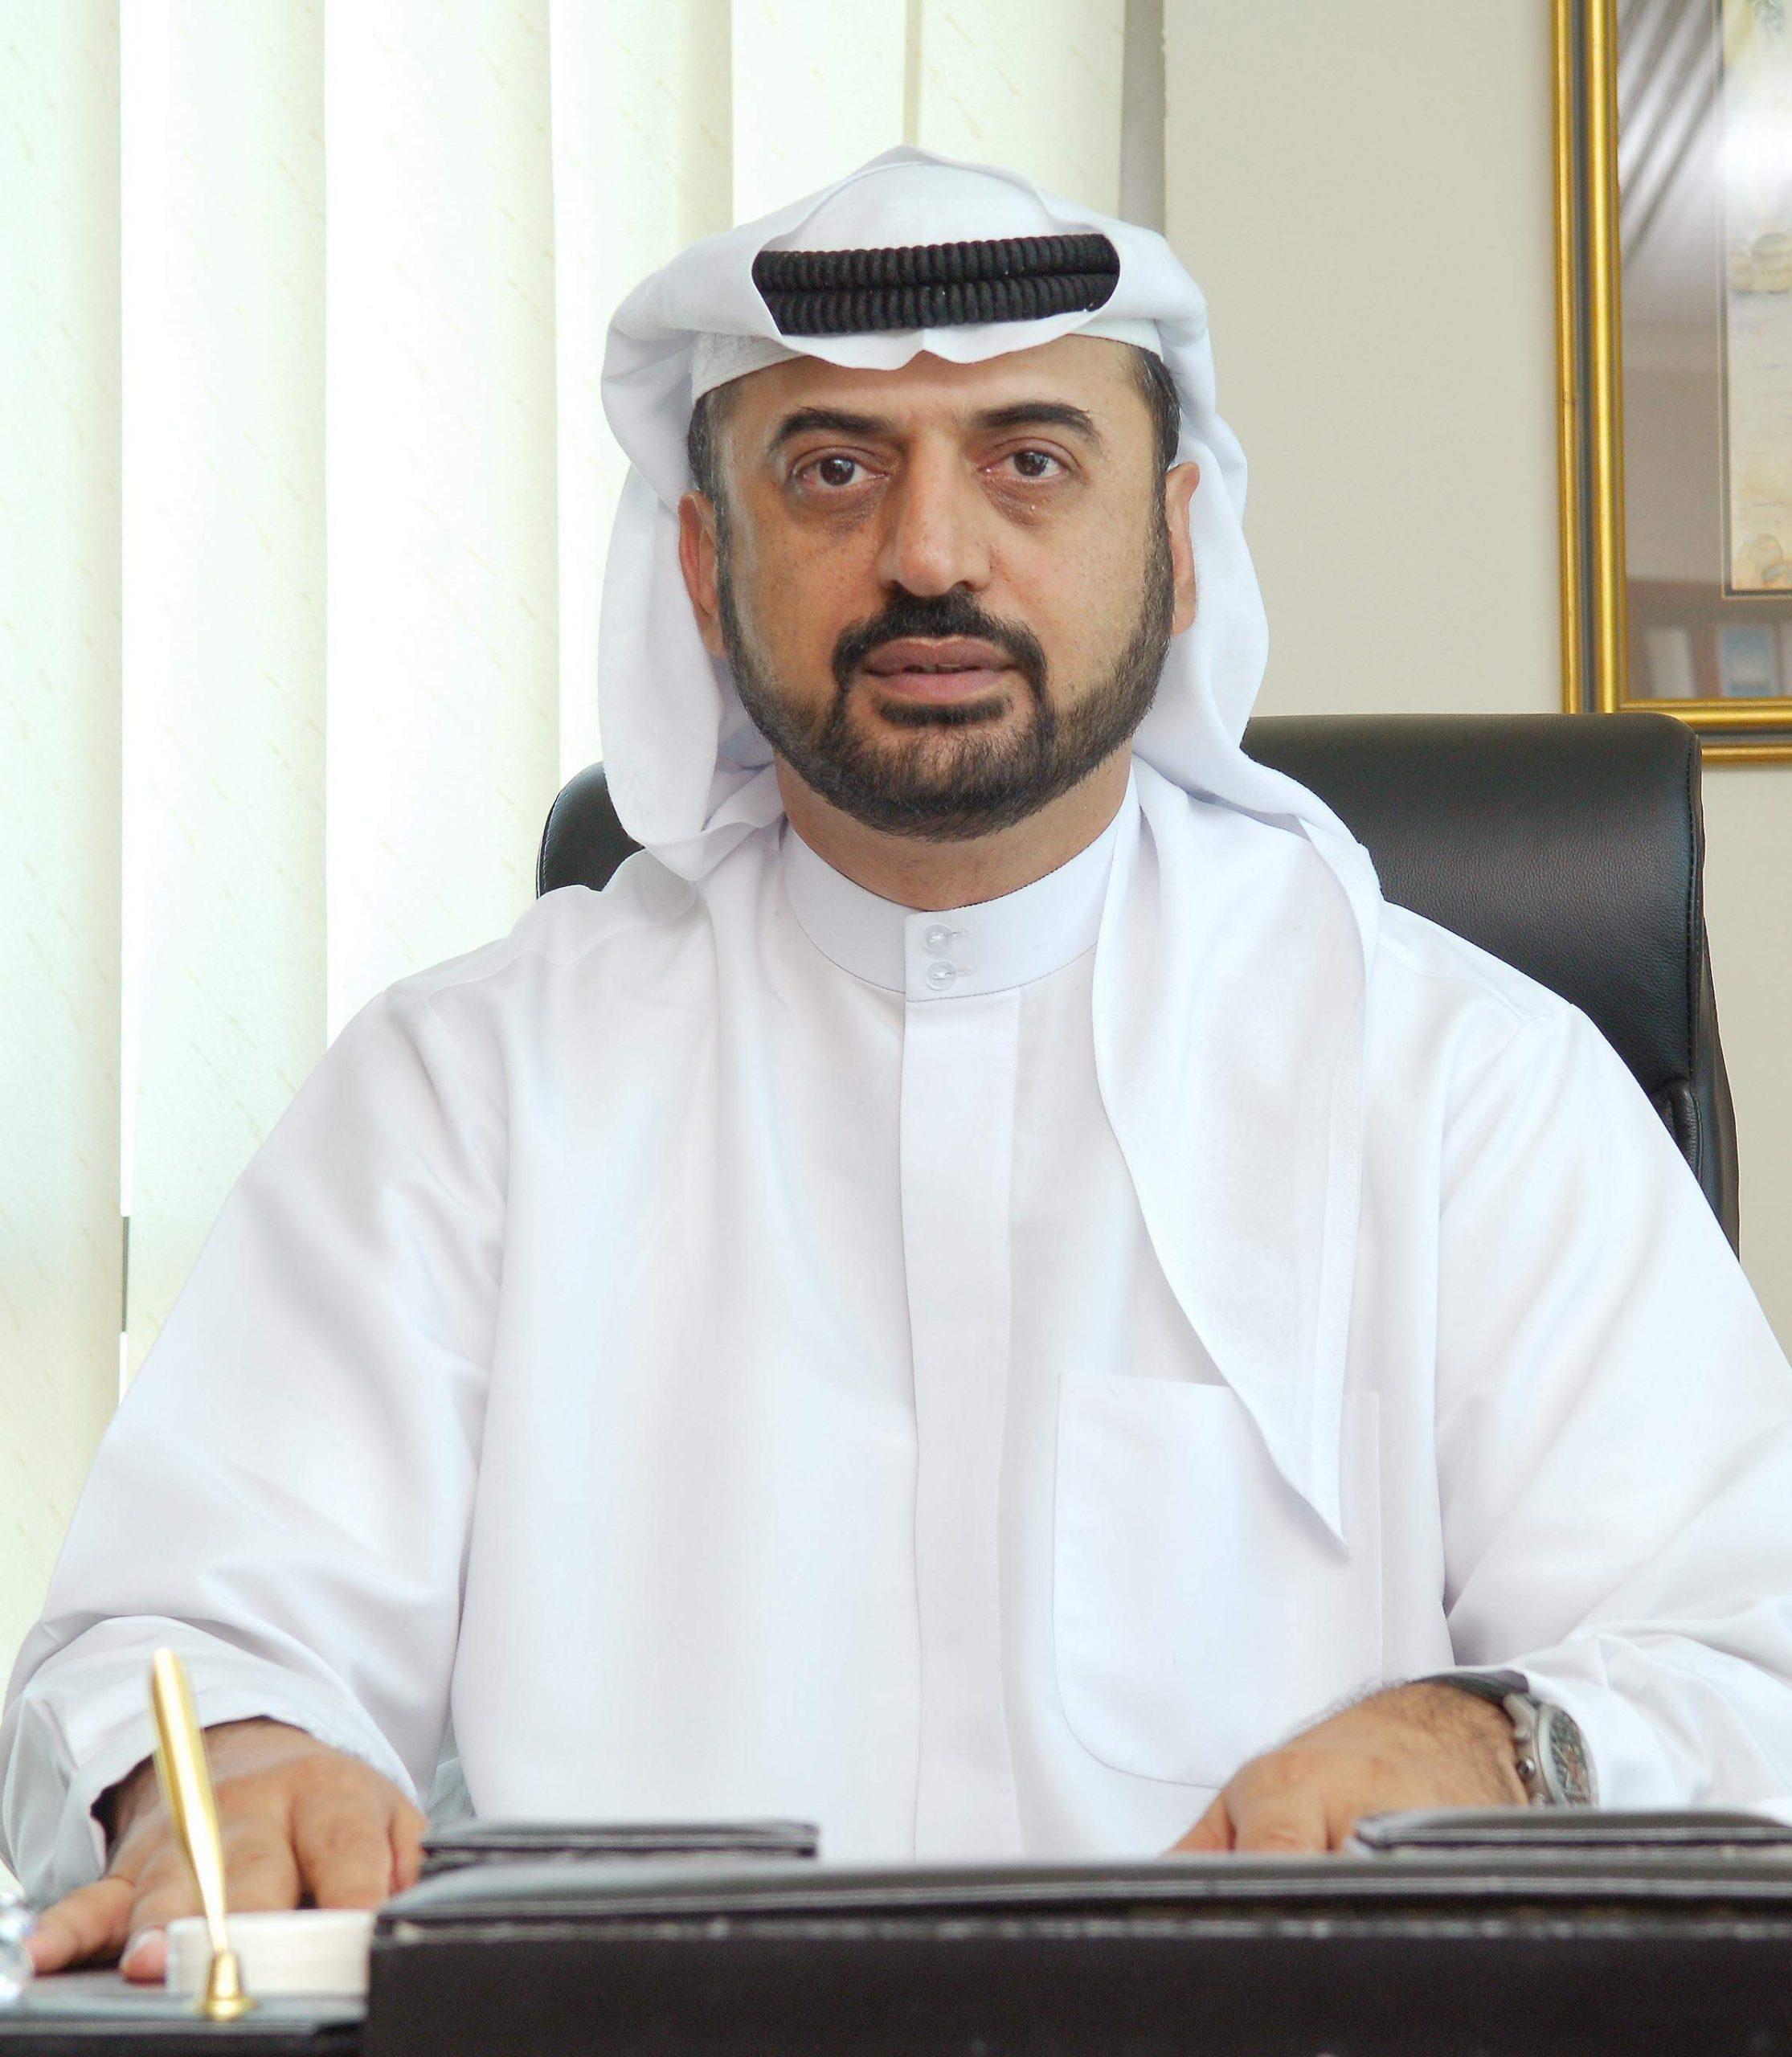 أمن مجموعة الإمارات ينال جائزة دبي الذهبية للجودة